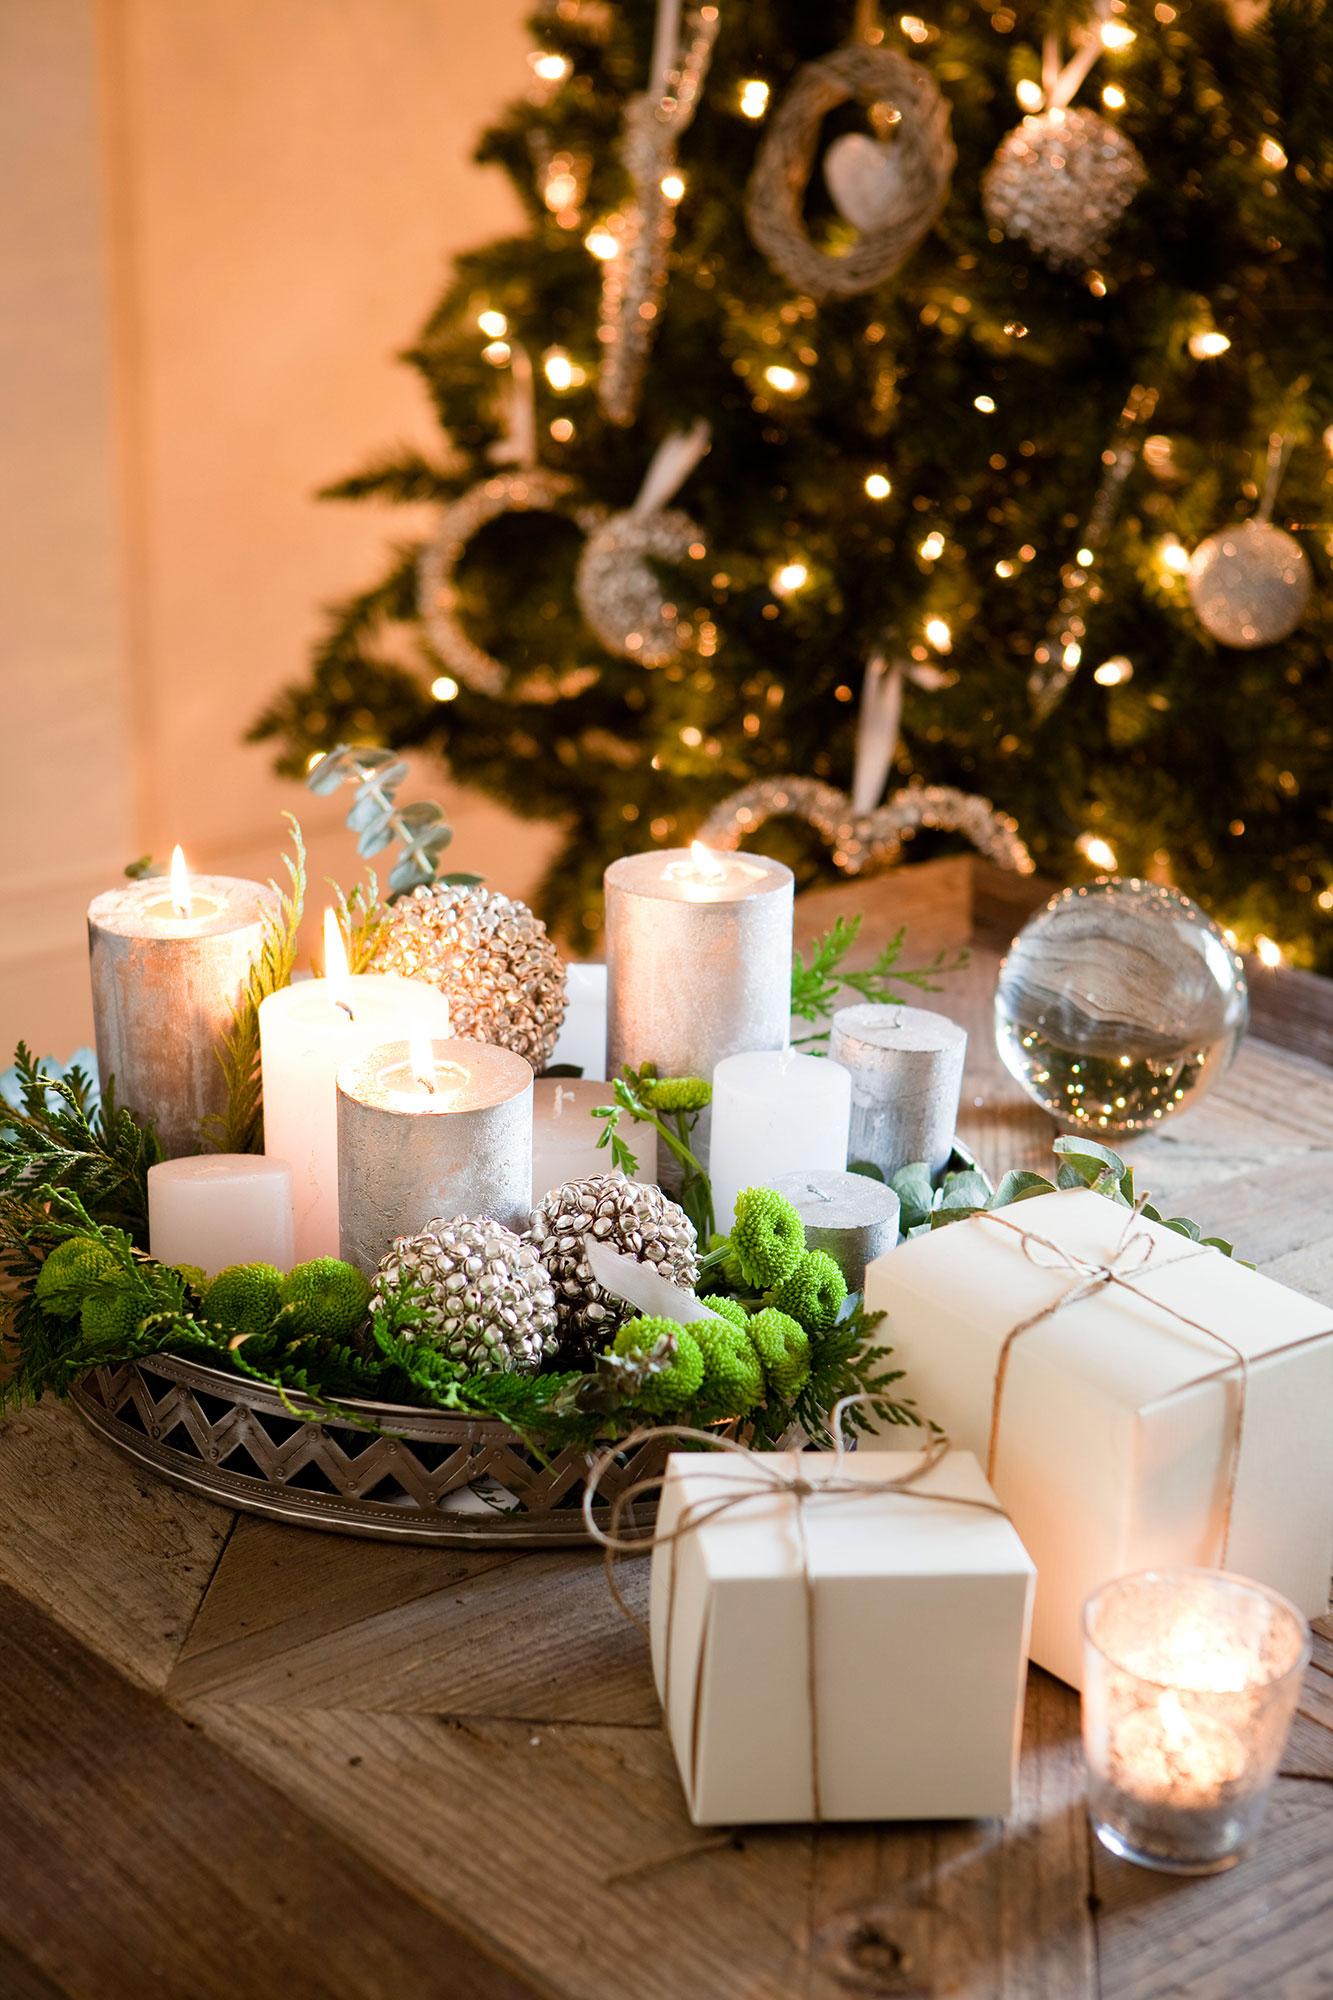 Detalles e ideas en plata para decorar tu casa esta navidad - Centros navidenos de mesa ...